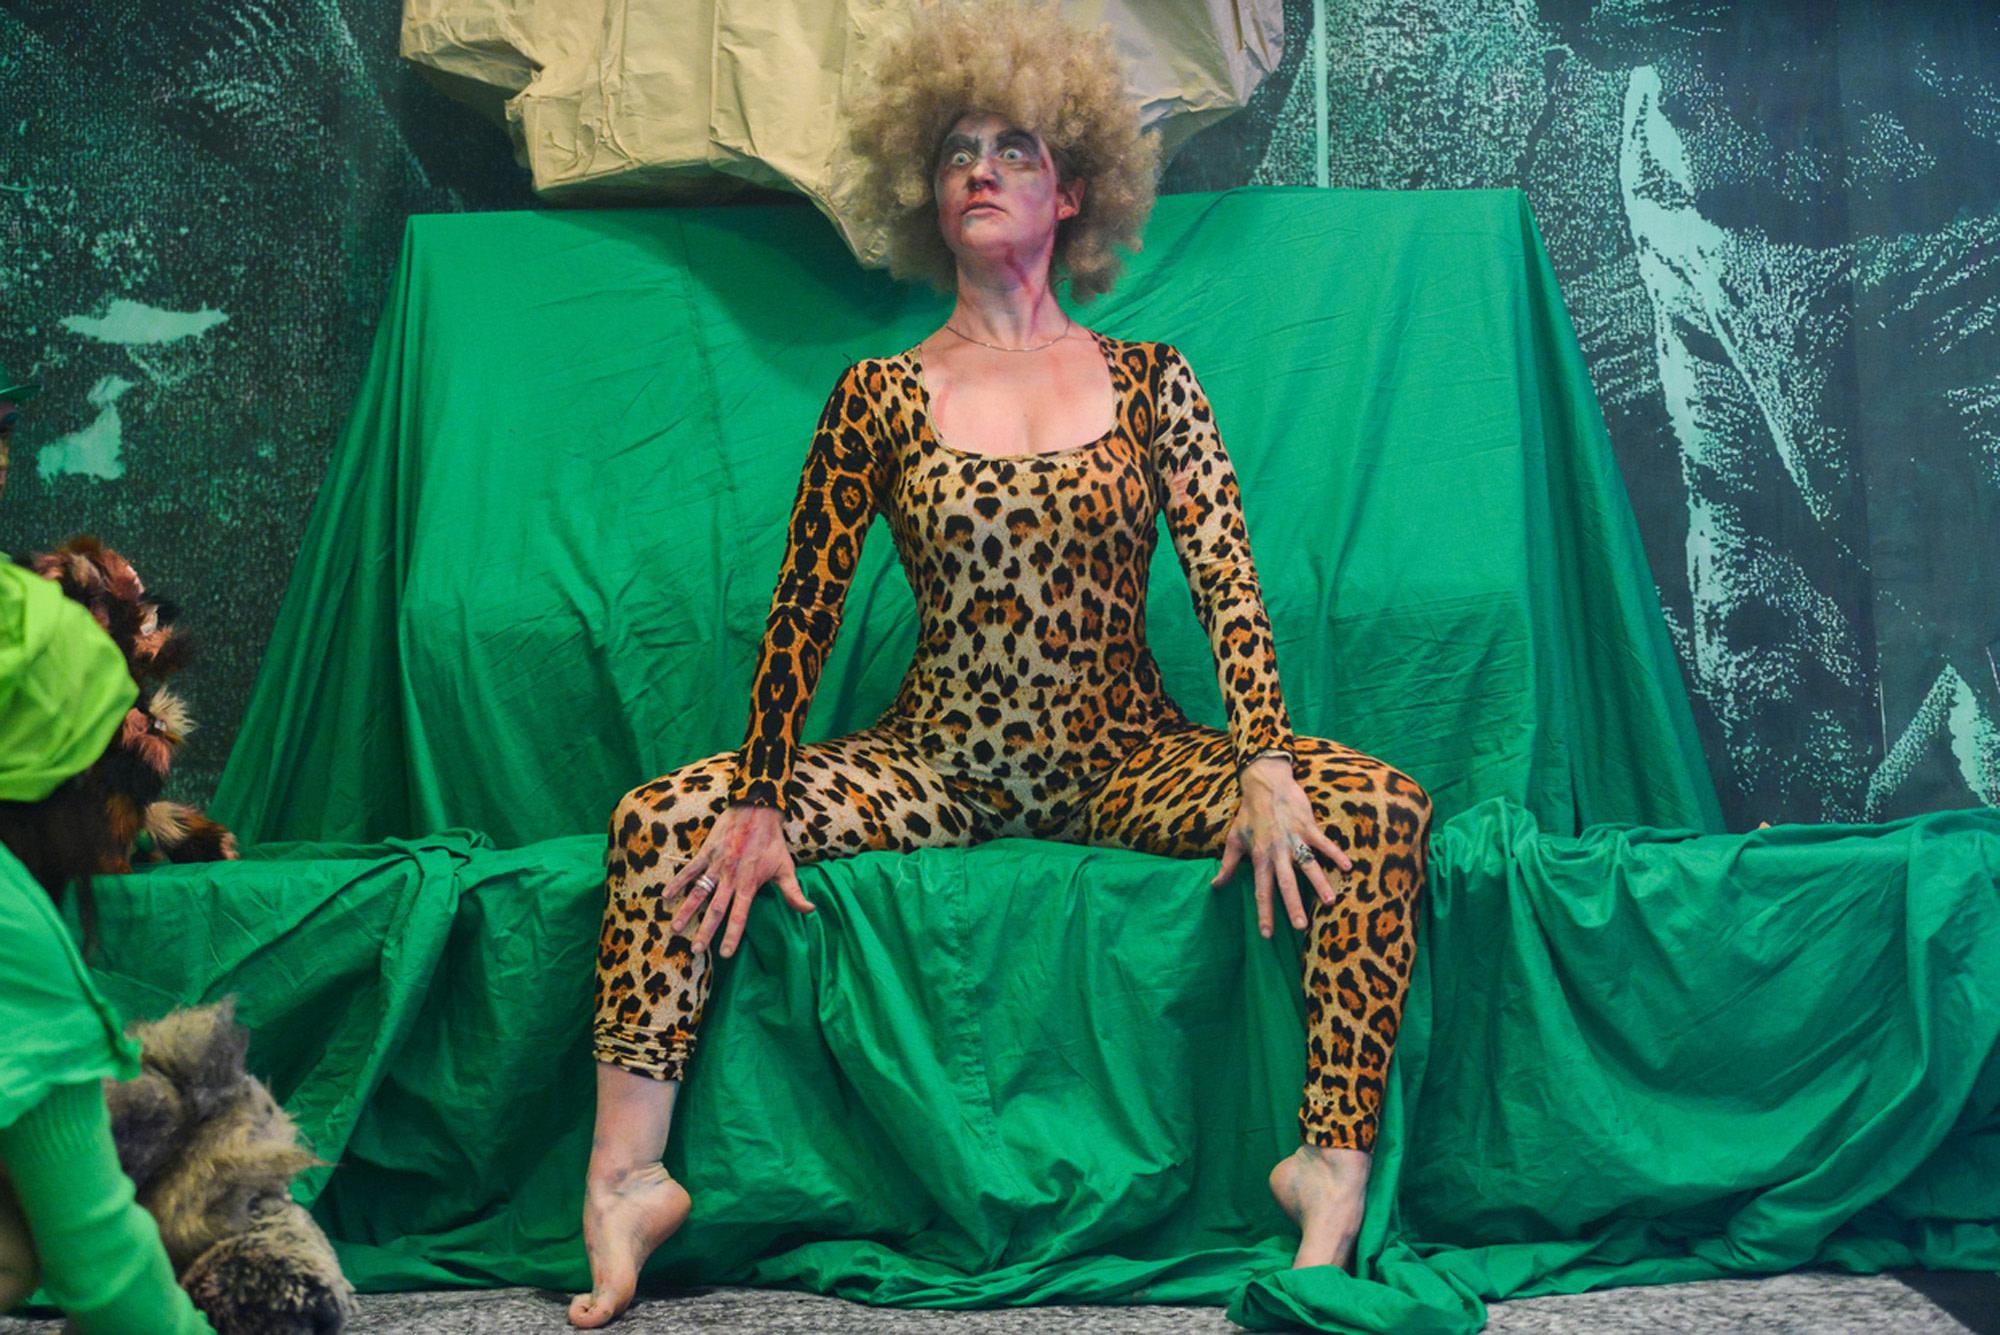 """<div class=""""artwork_caption""""><p>Performance <em>The Green Room</em>, Art Basel Parcours, 12-17 June 2017</p></div>"""